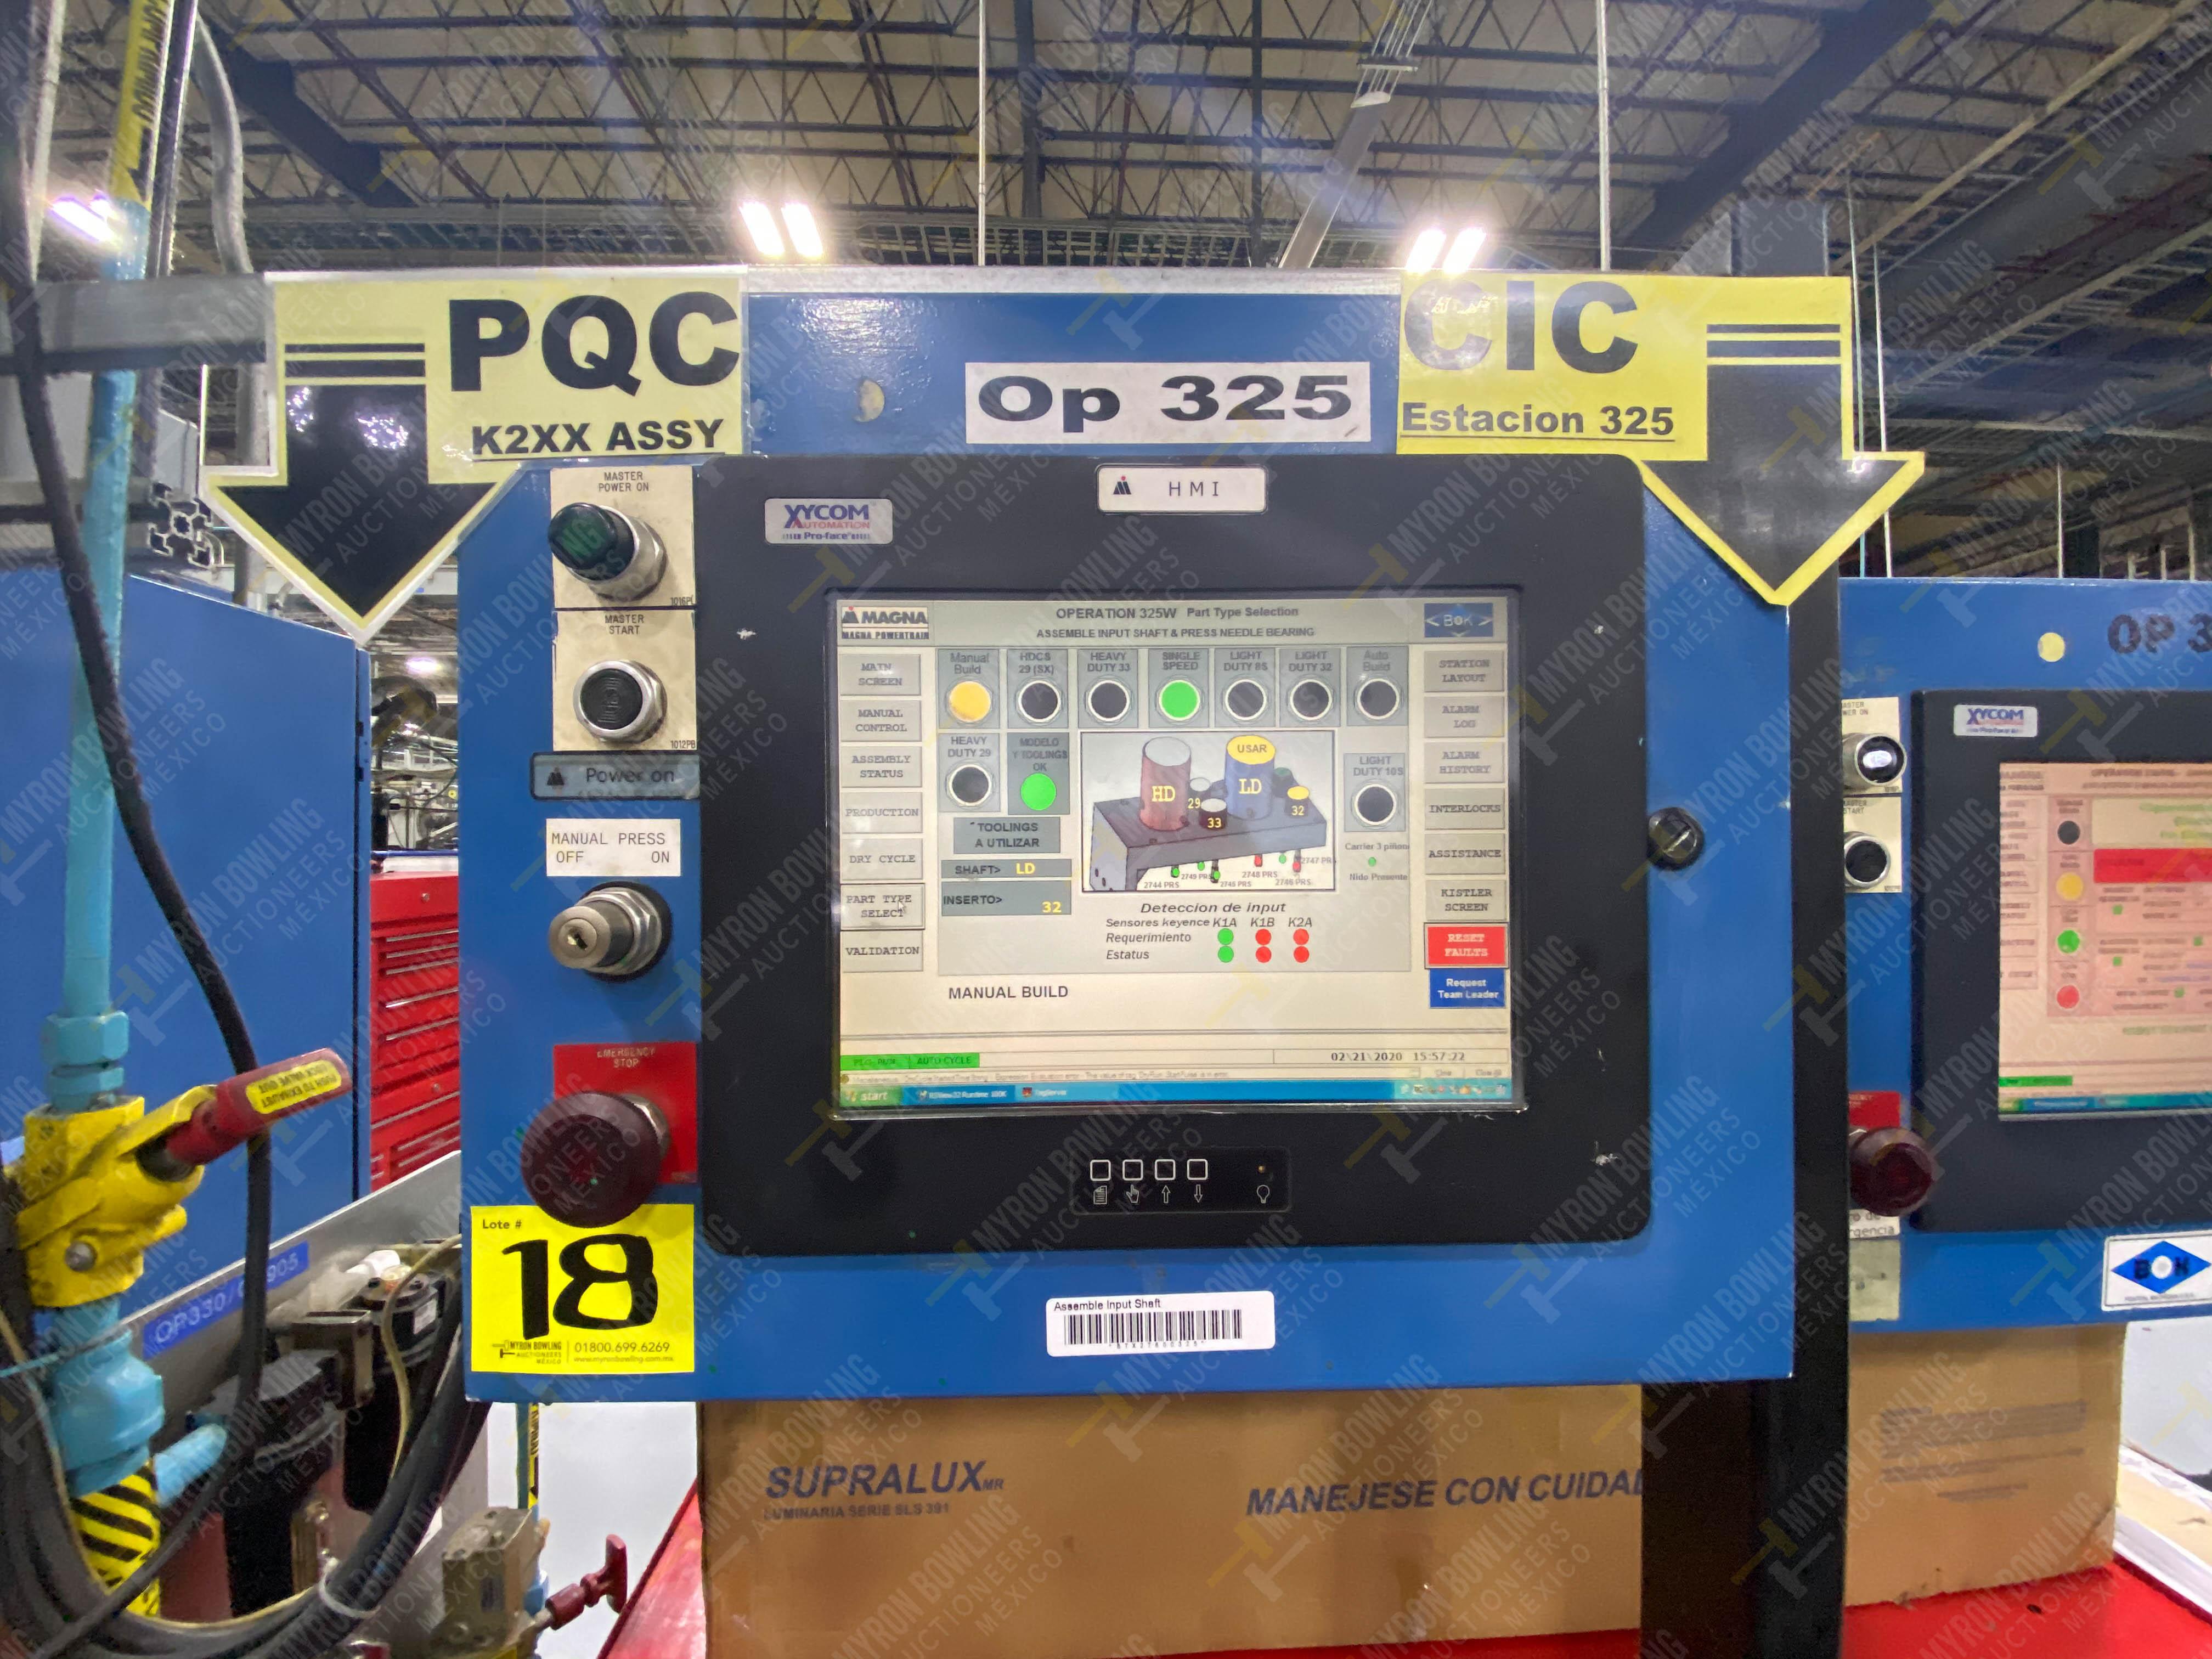 Estación semiautomática para operación 325, contiene: Prensa con dos cilindros marca TOX - Image 23 of 24